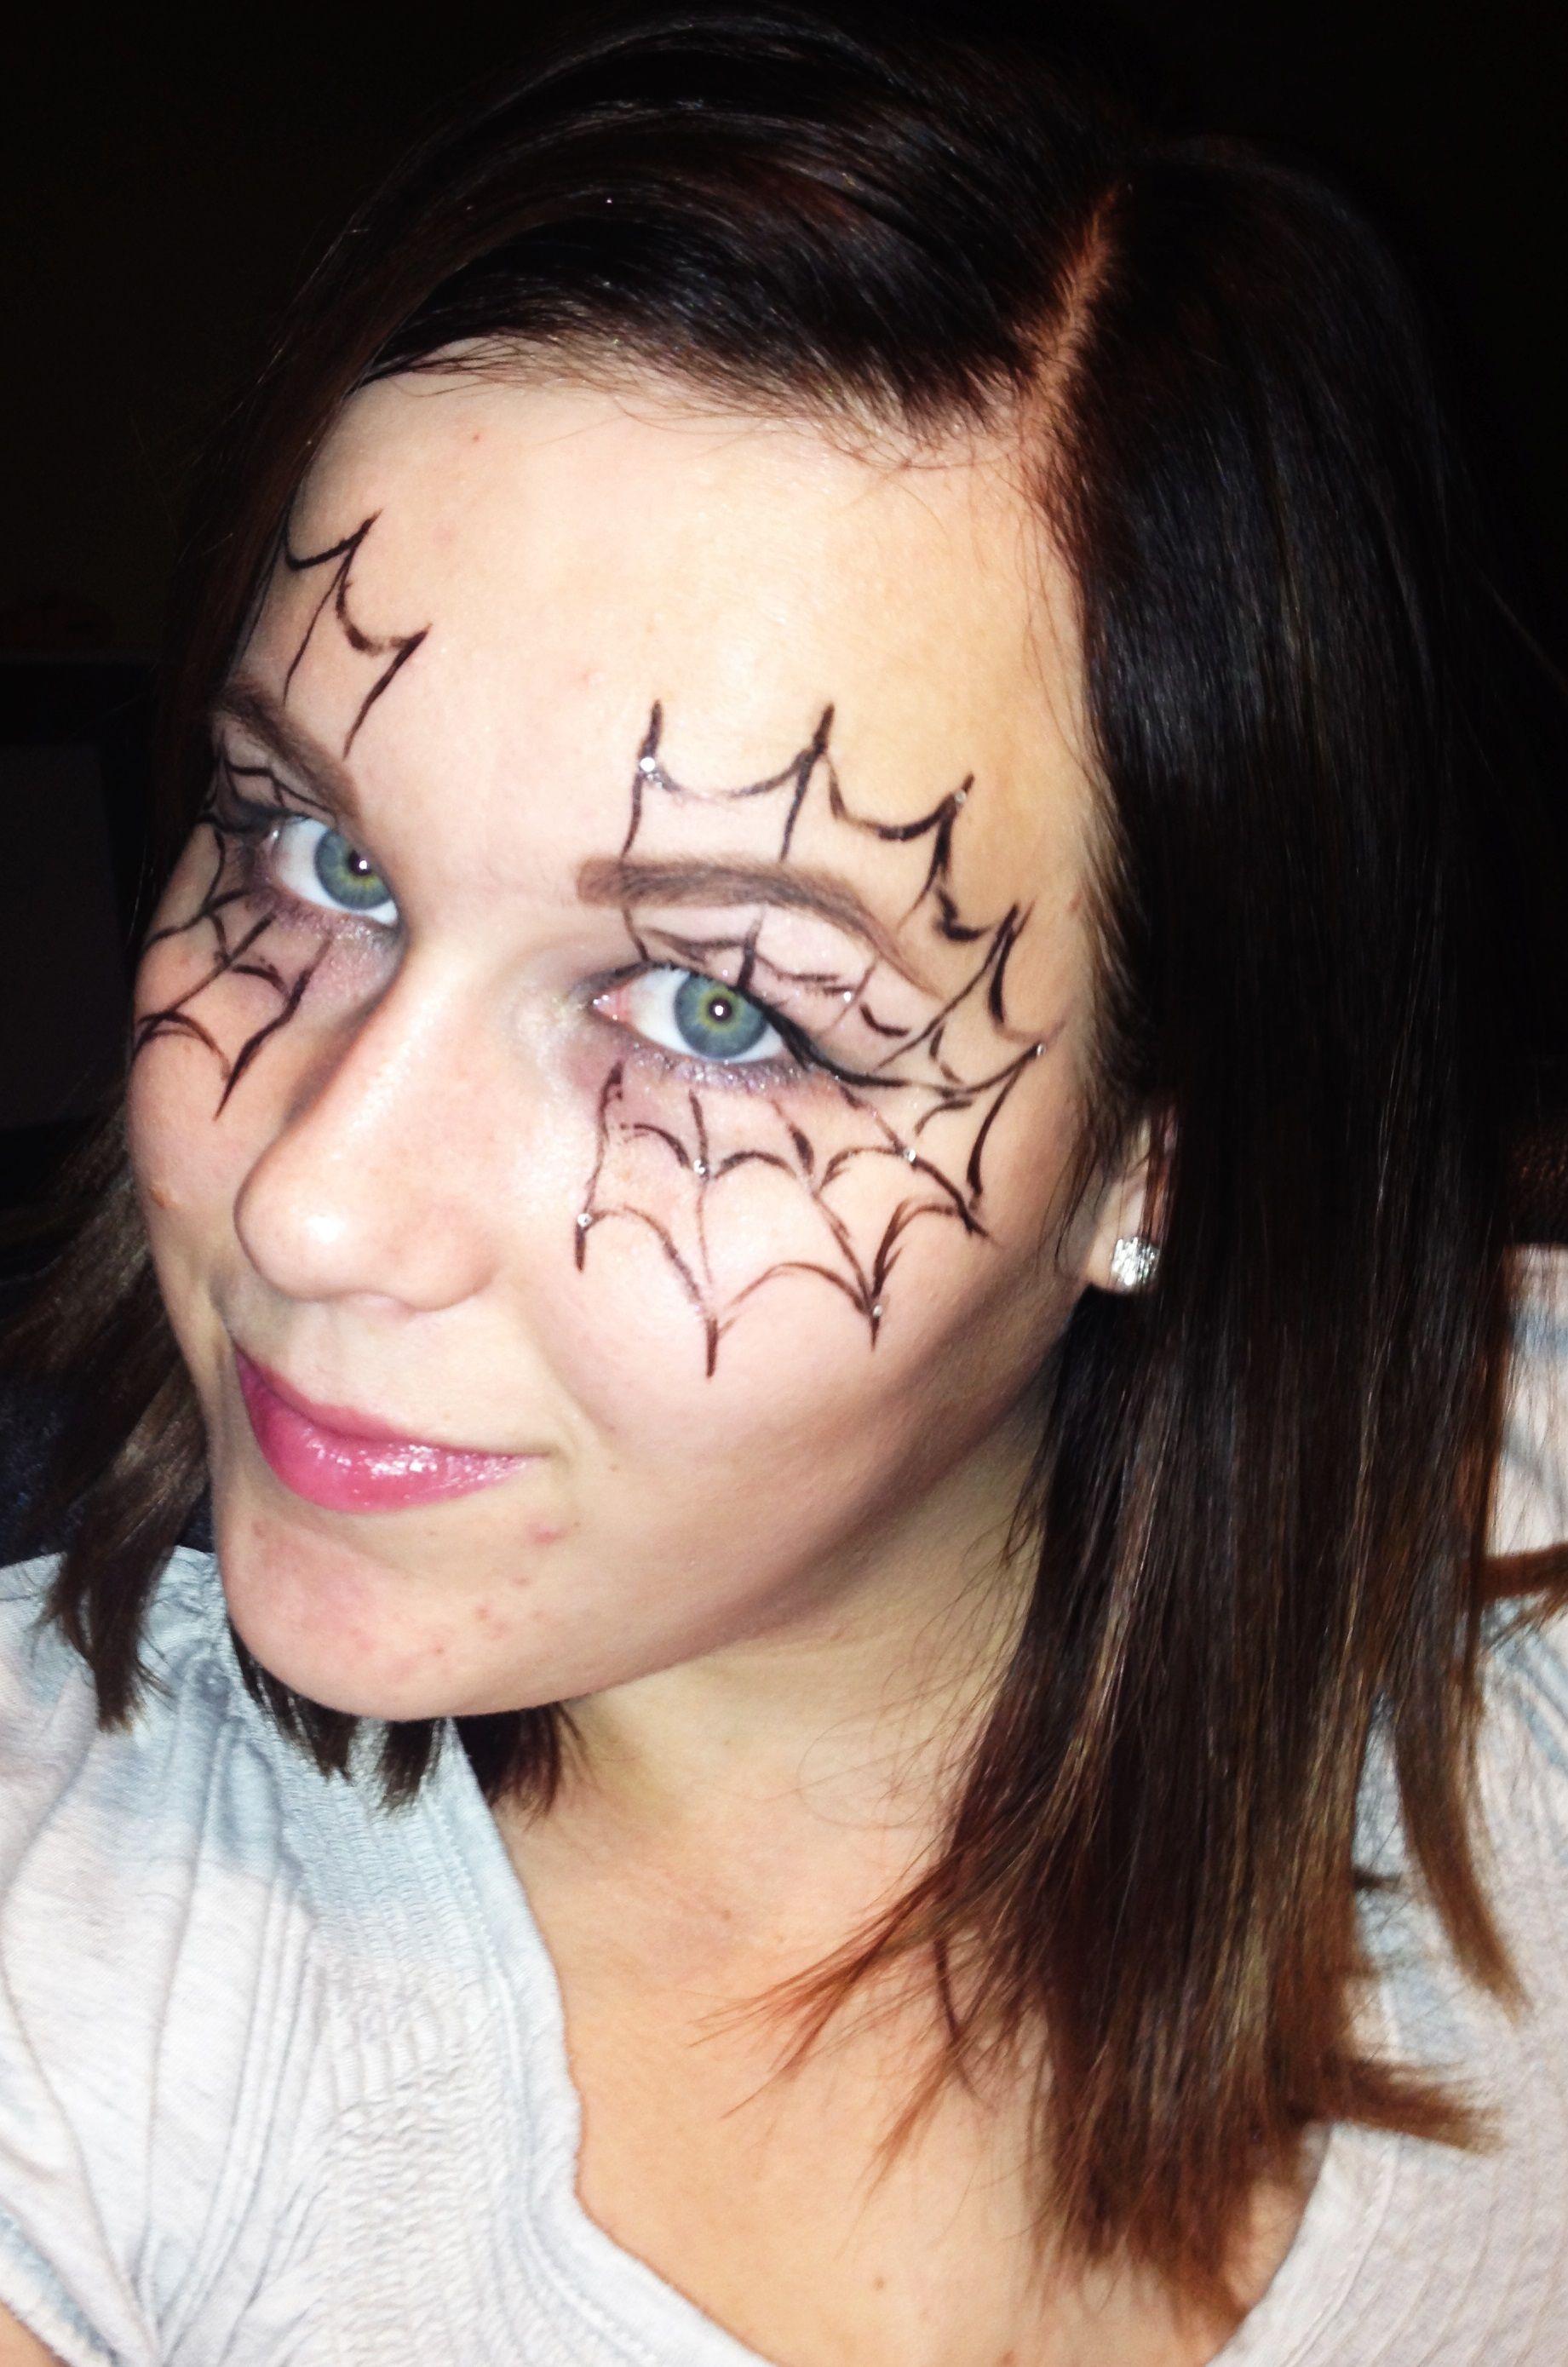 Halloween Sminkek.Keptalalat A Kovetkezore Halloween Sminkek Arcfesteshez